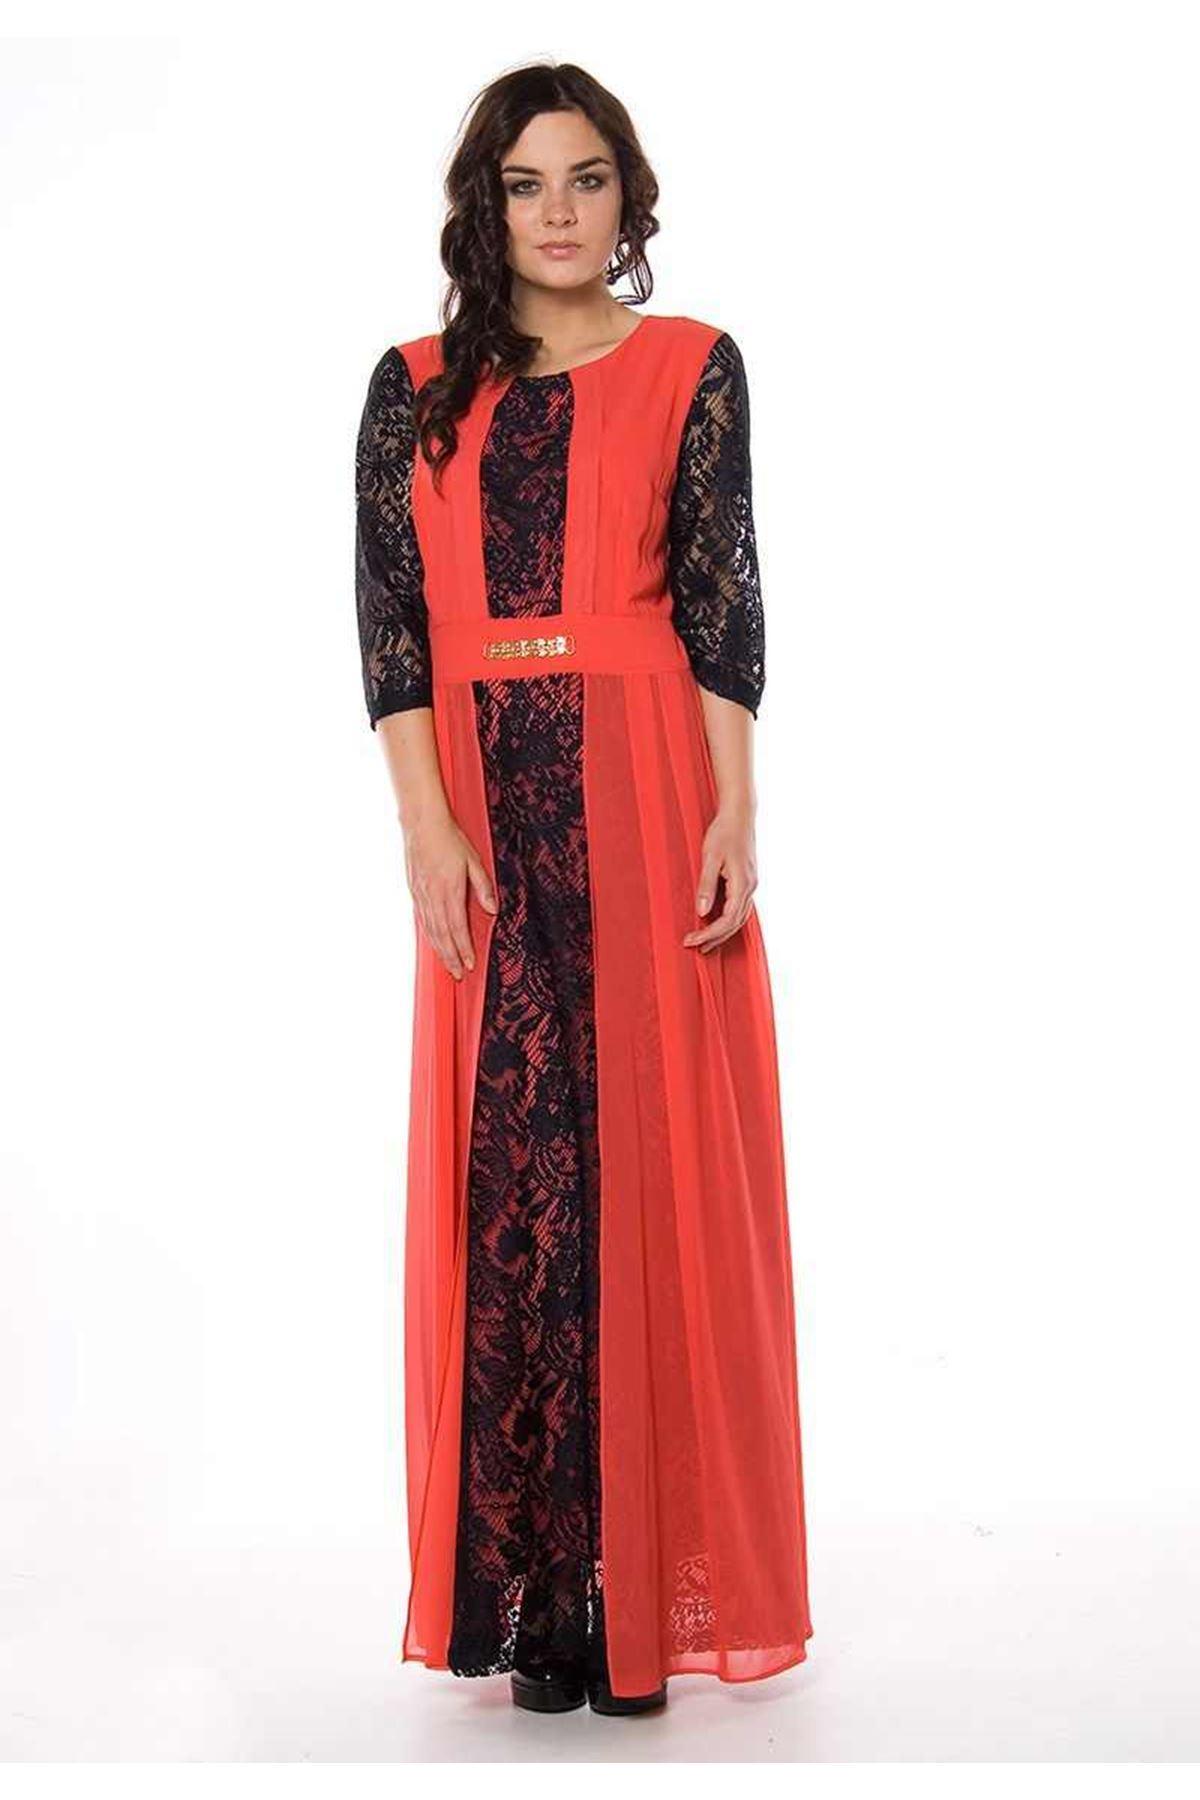 Narçiçeği Dantelli Elbise F1-82457